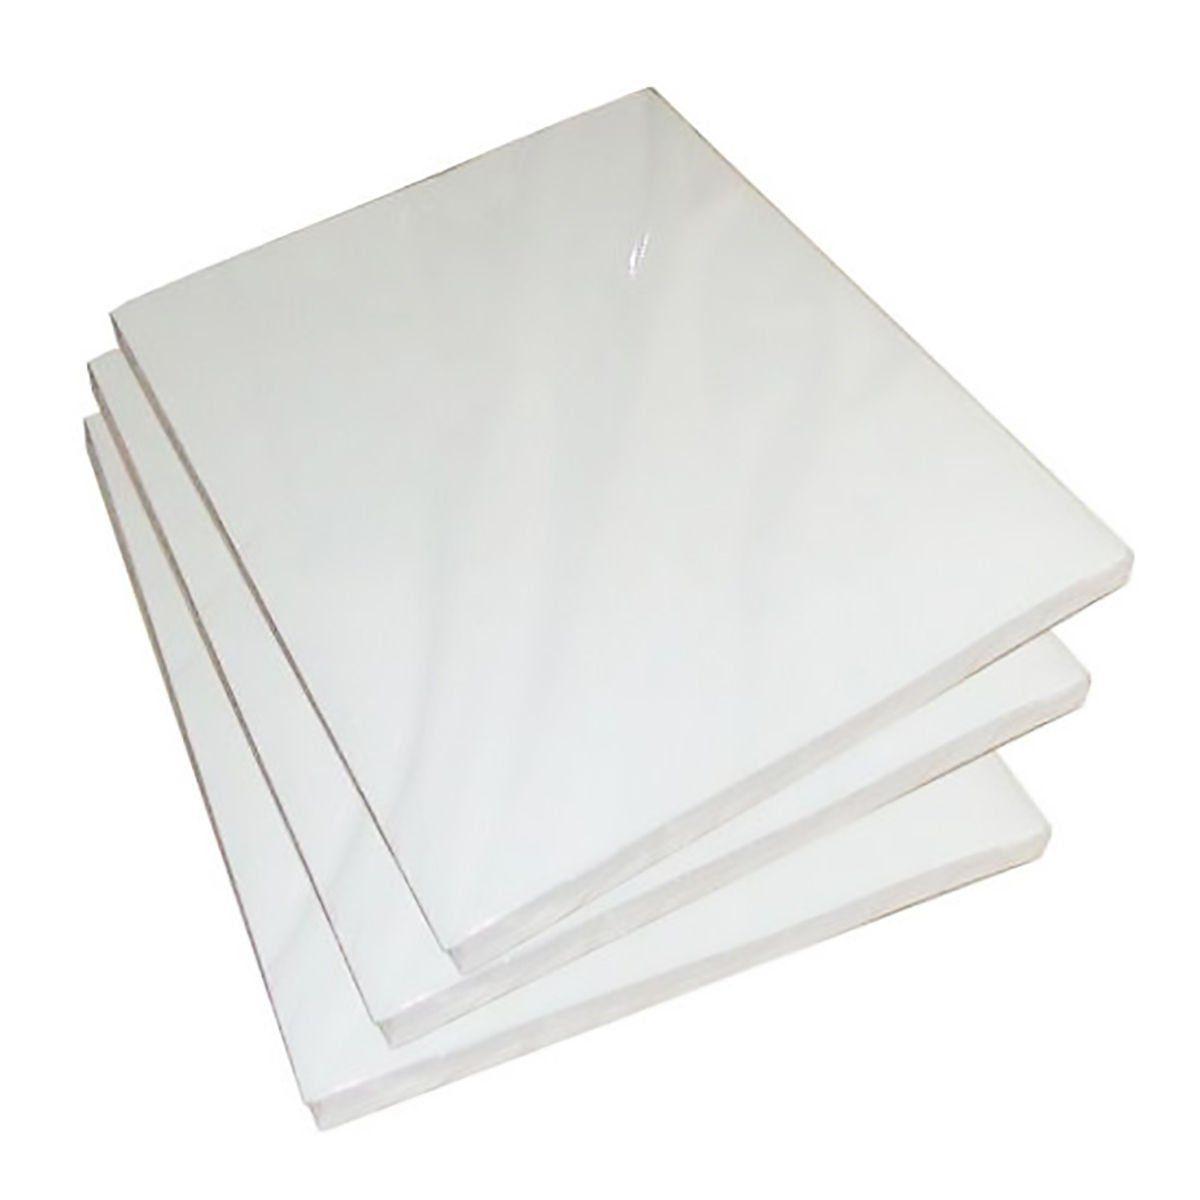 Papel Fotográfico 120g A4 Glossy Branco Brilhante Resistente à Água / 300 folhas